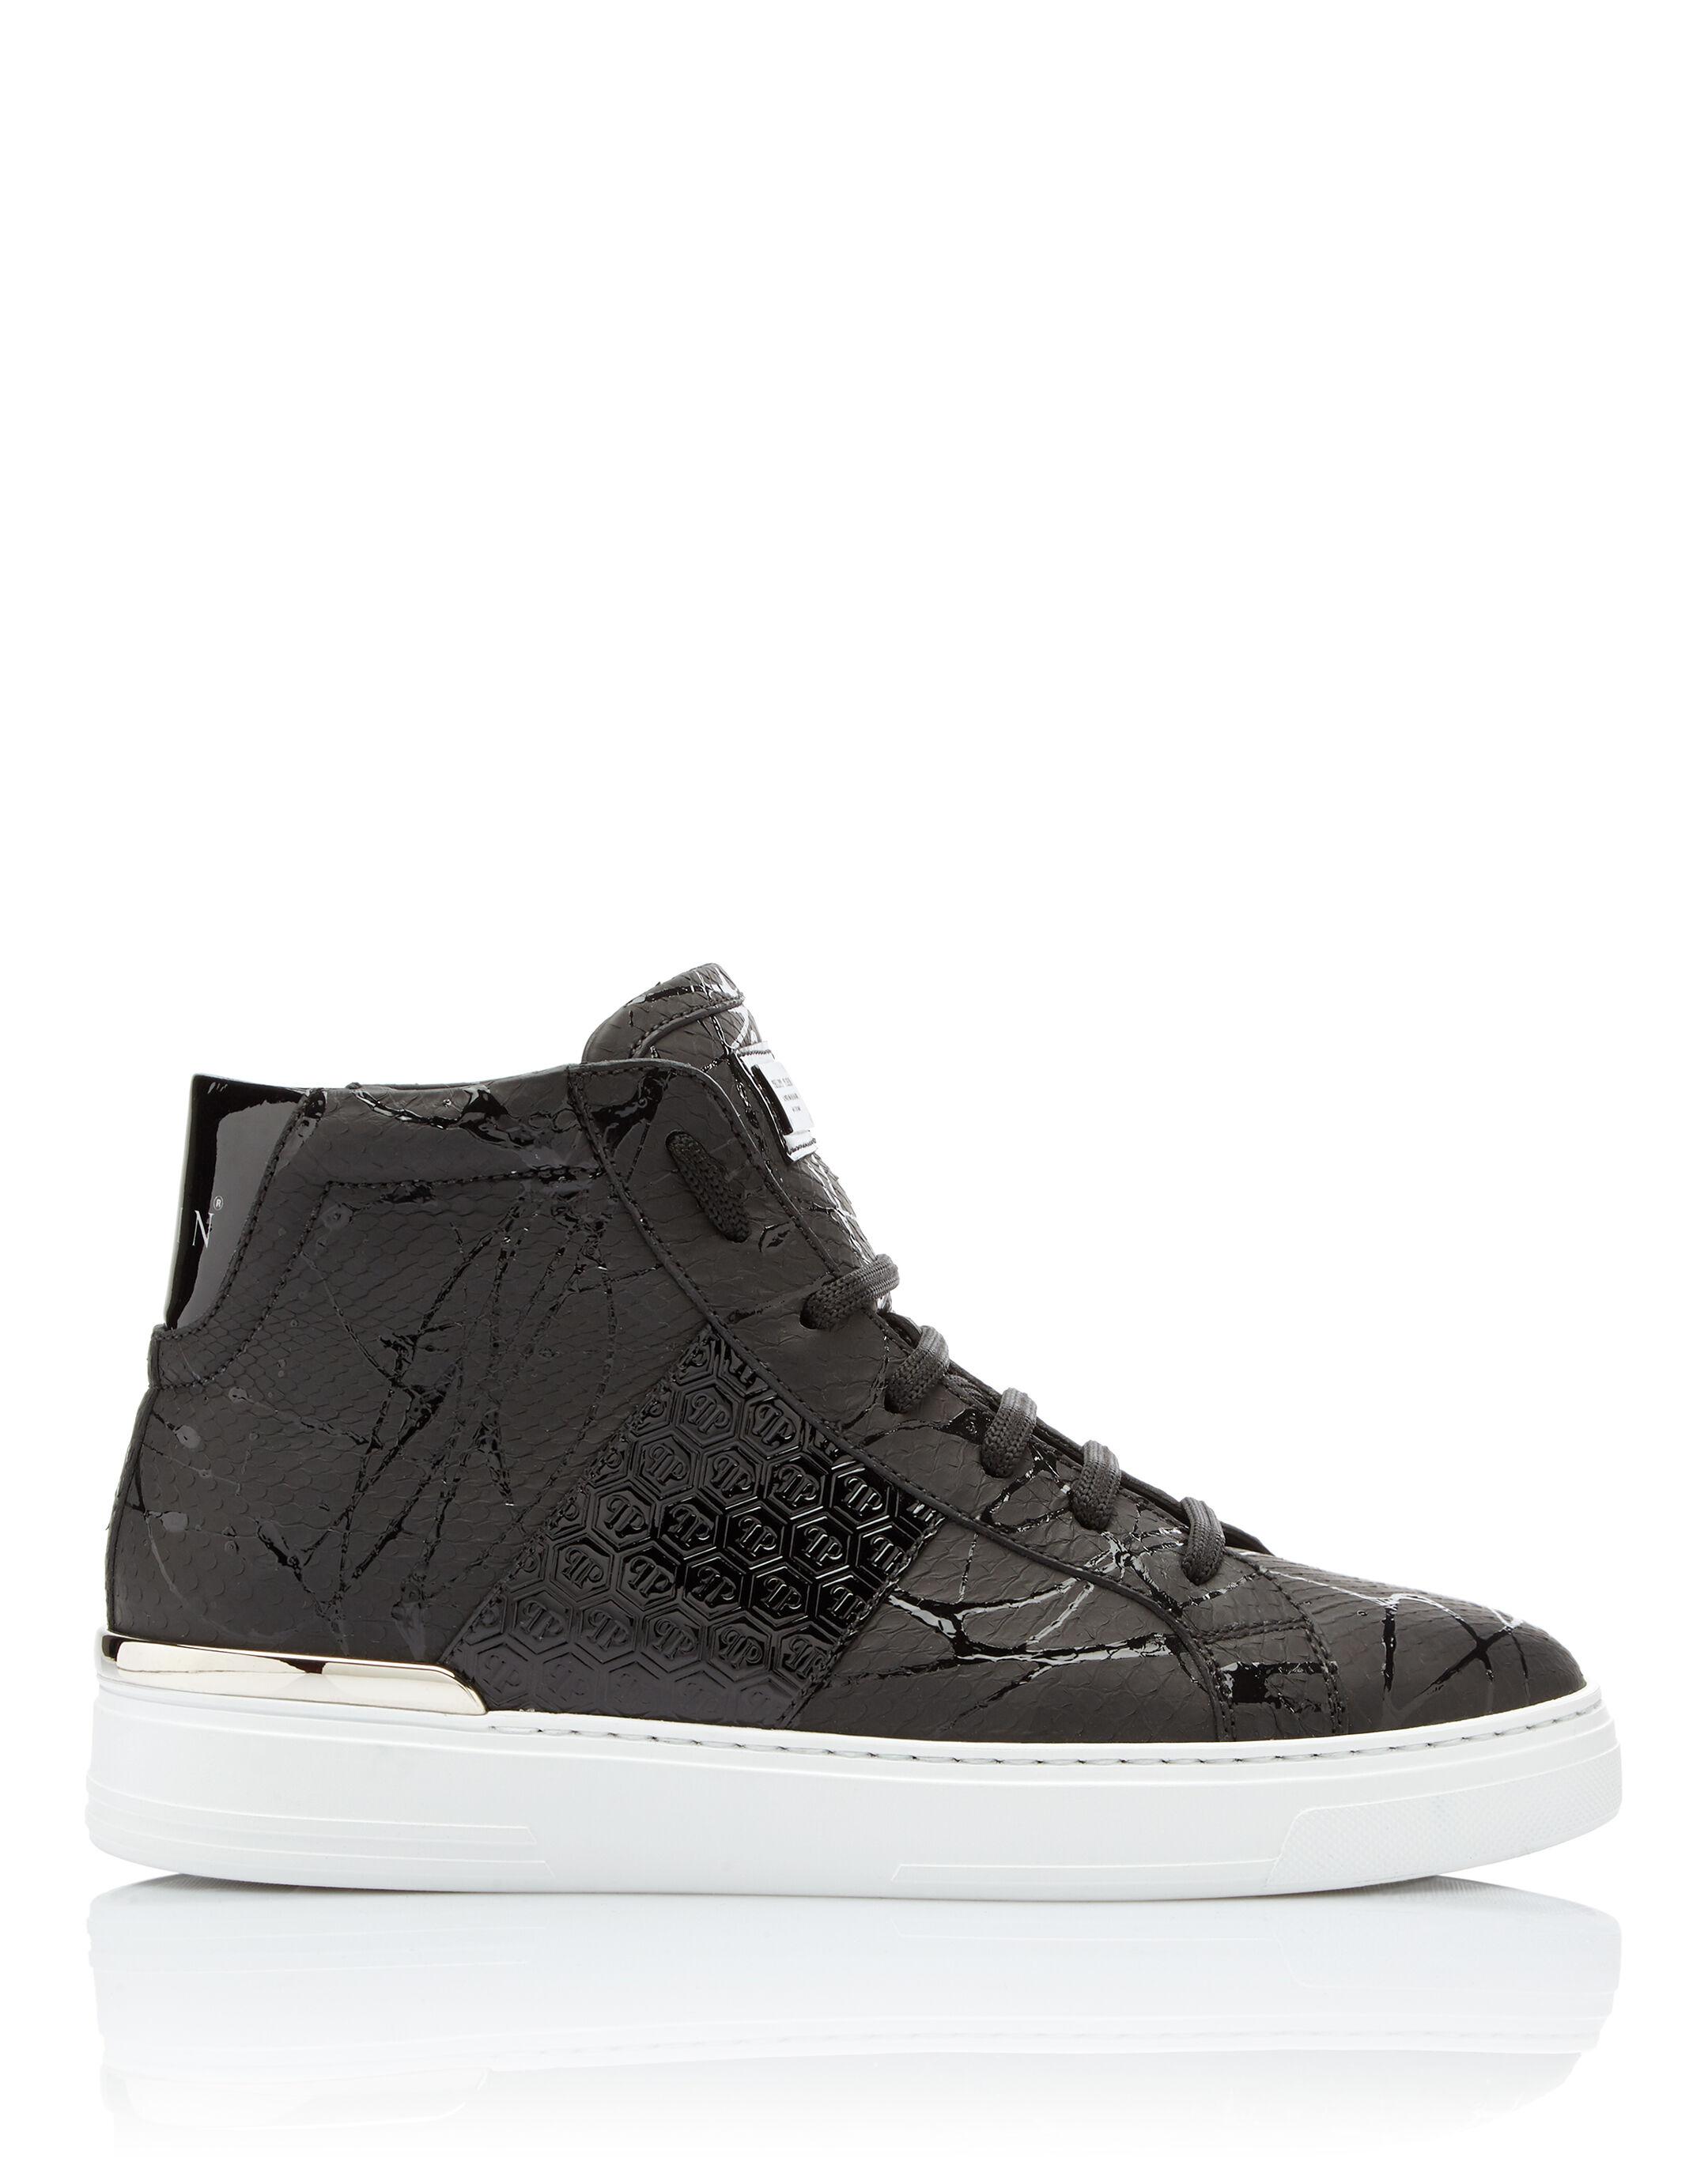 ... Hi-Top Sneakers Black one ...